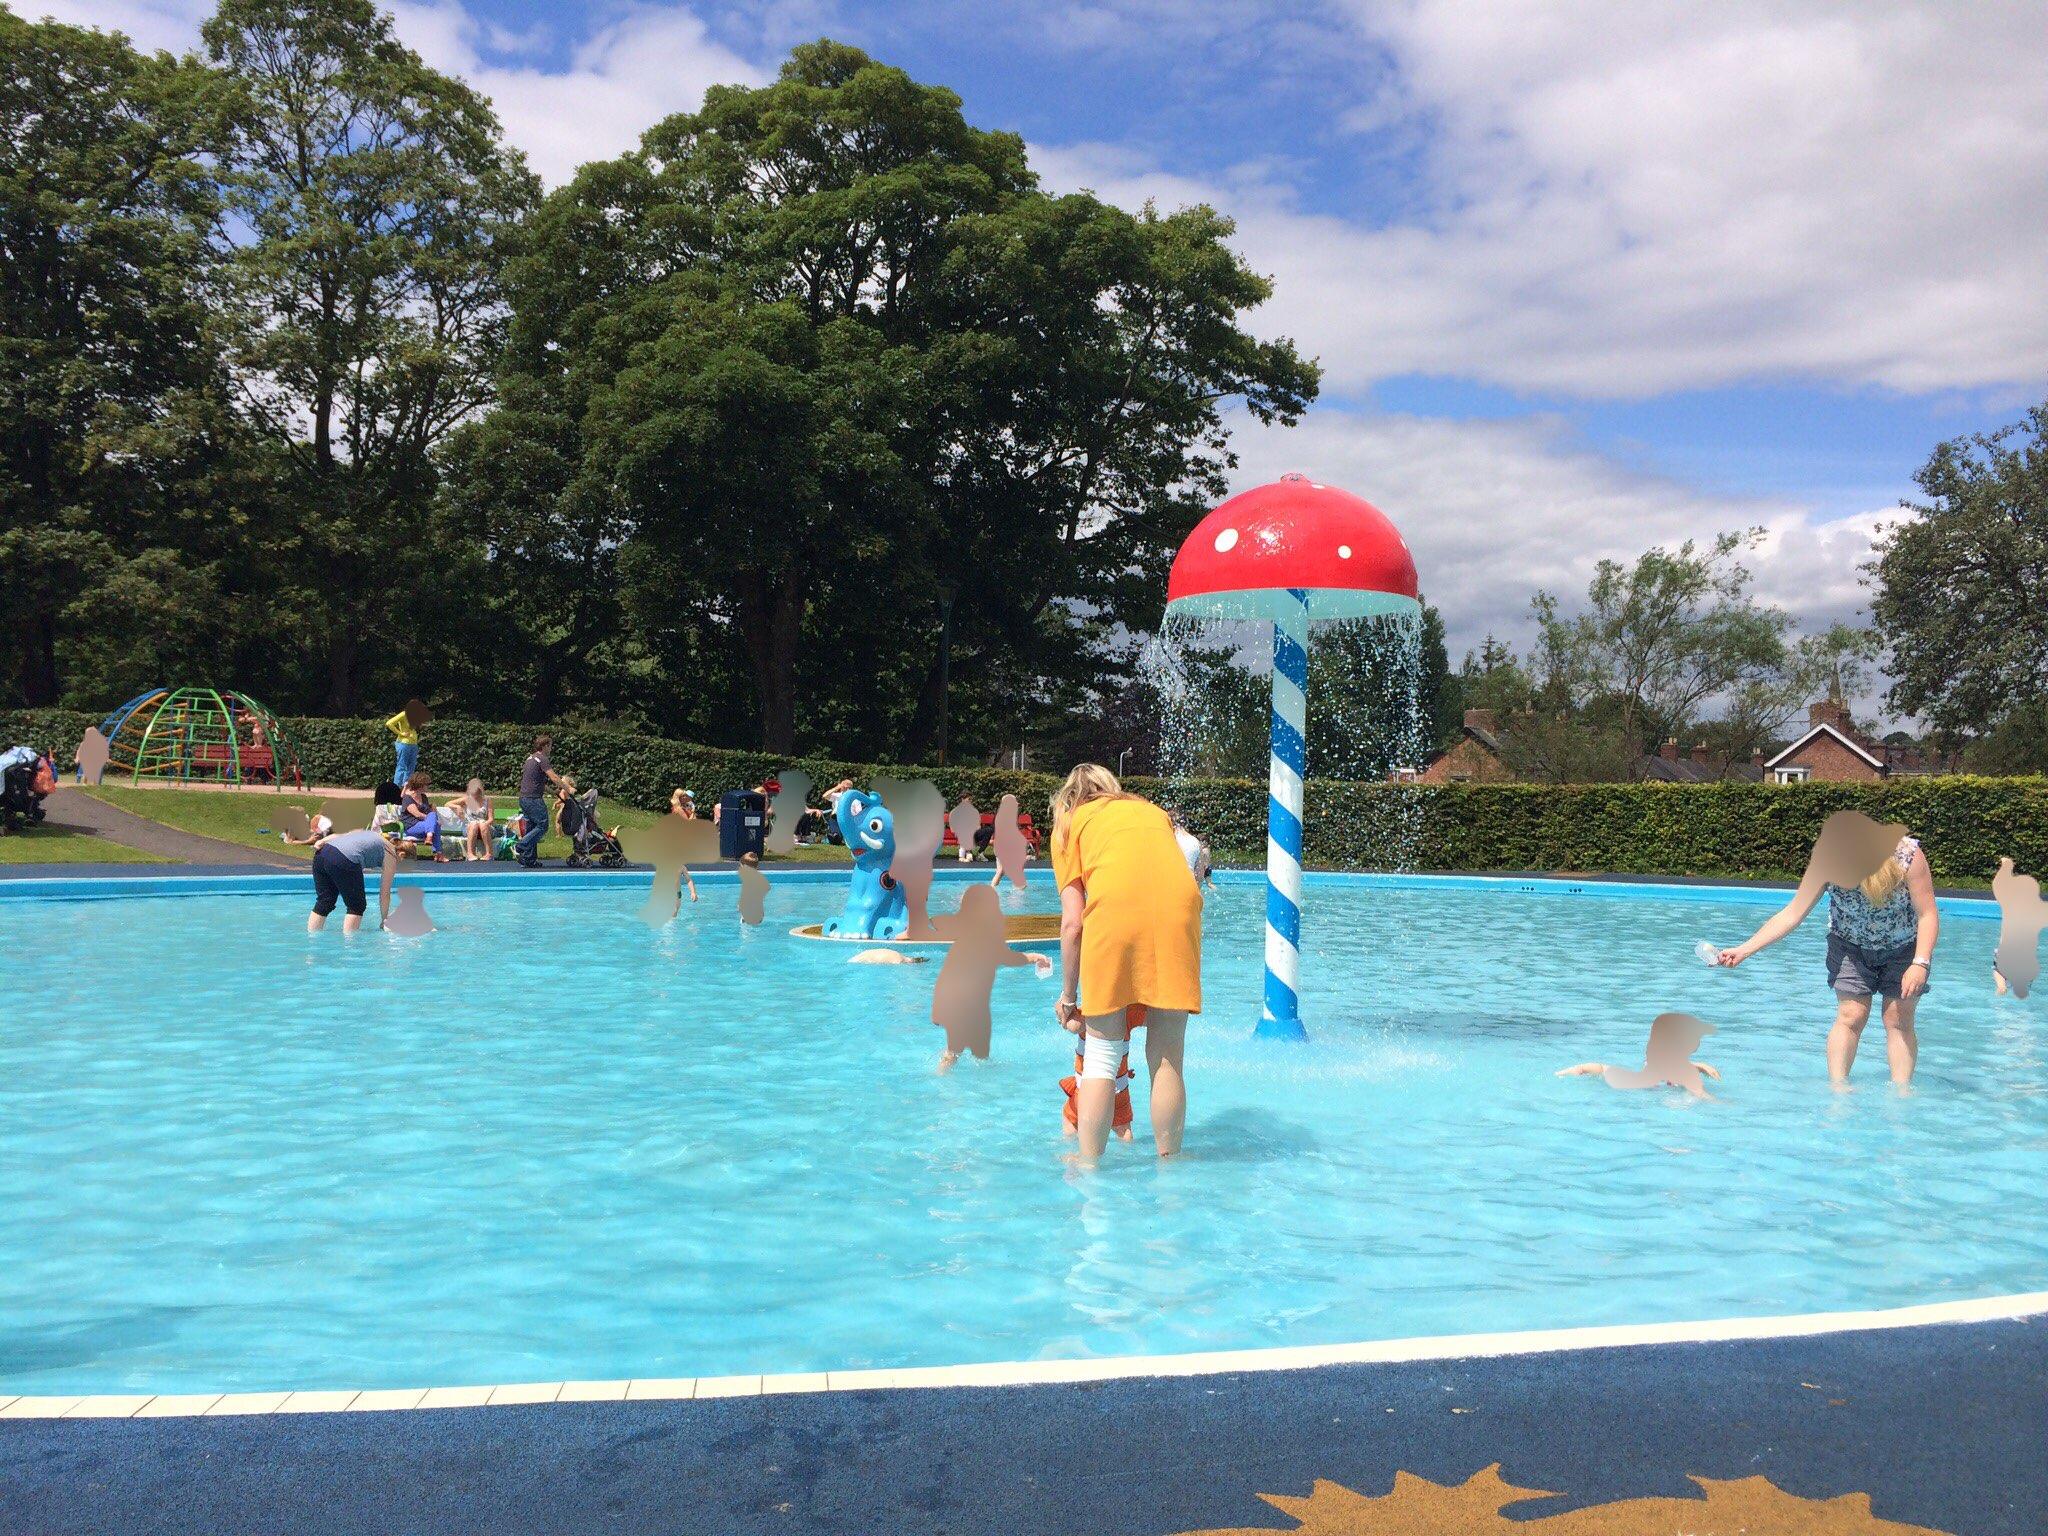 Carlisle Park paddling pool in Morpeth in 2015.